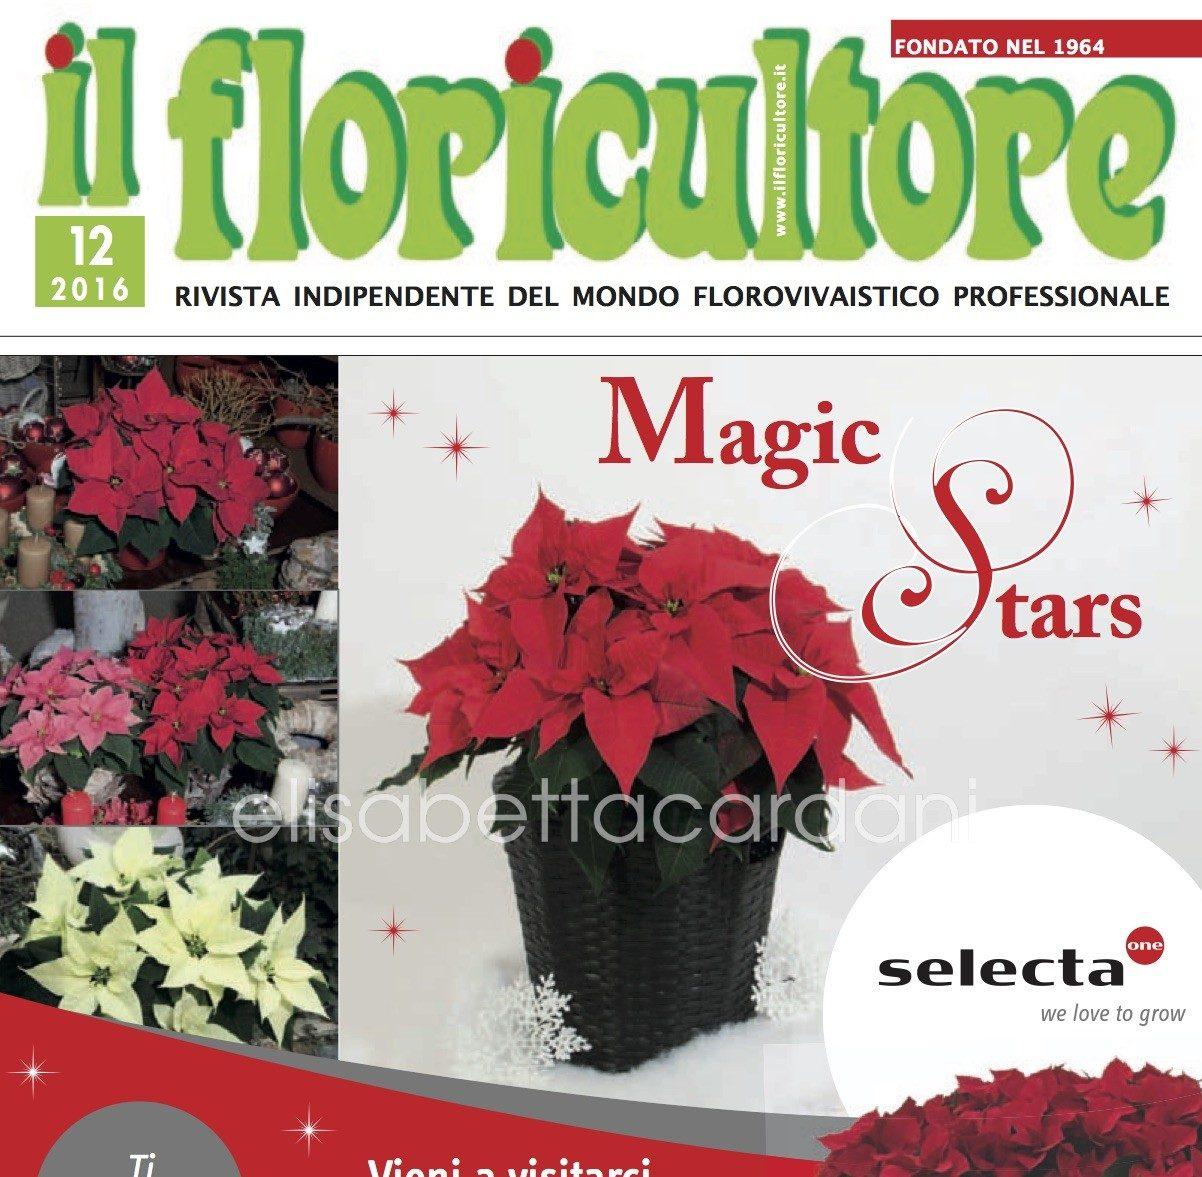 Intervista per Il floricultore